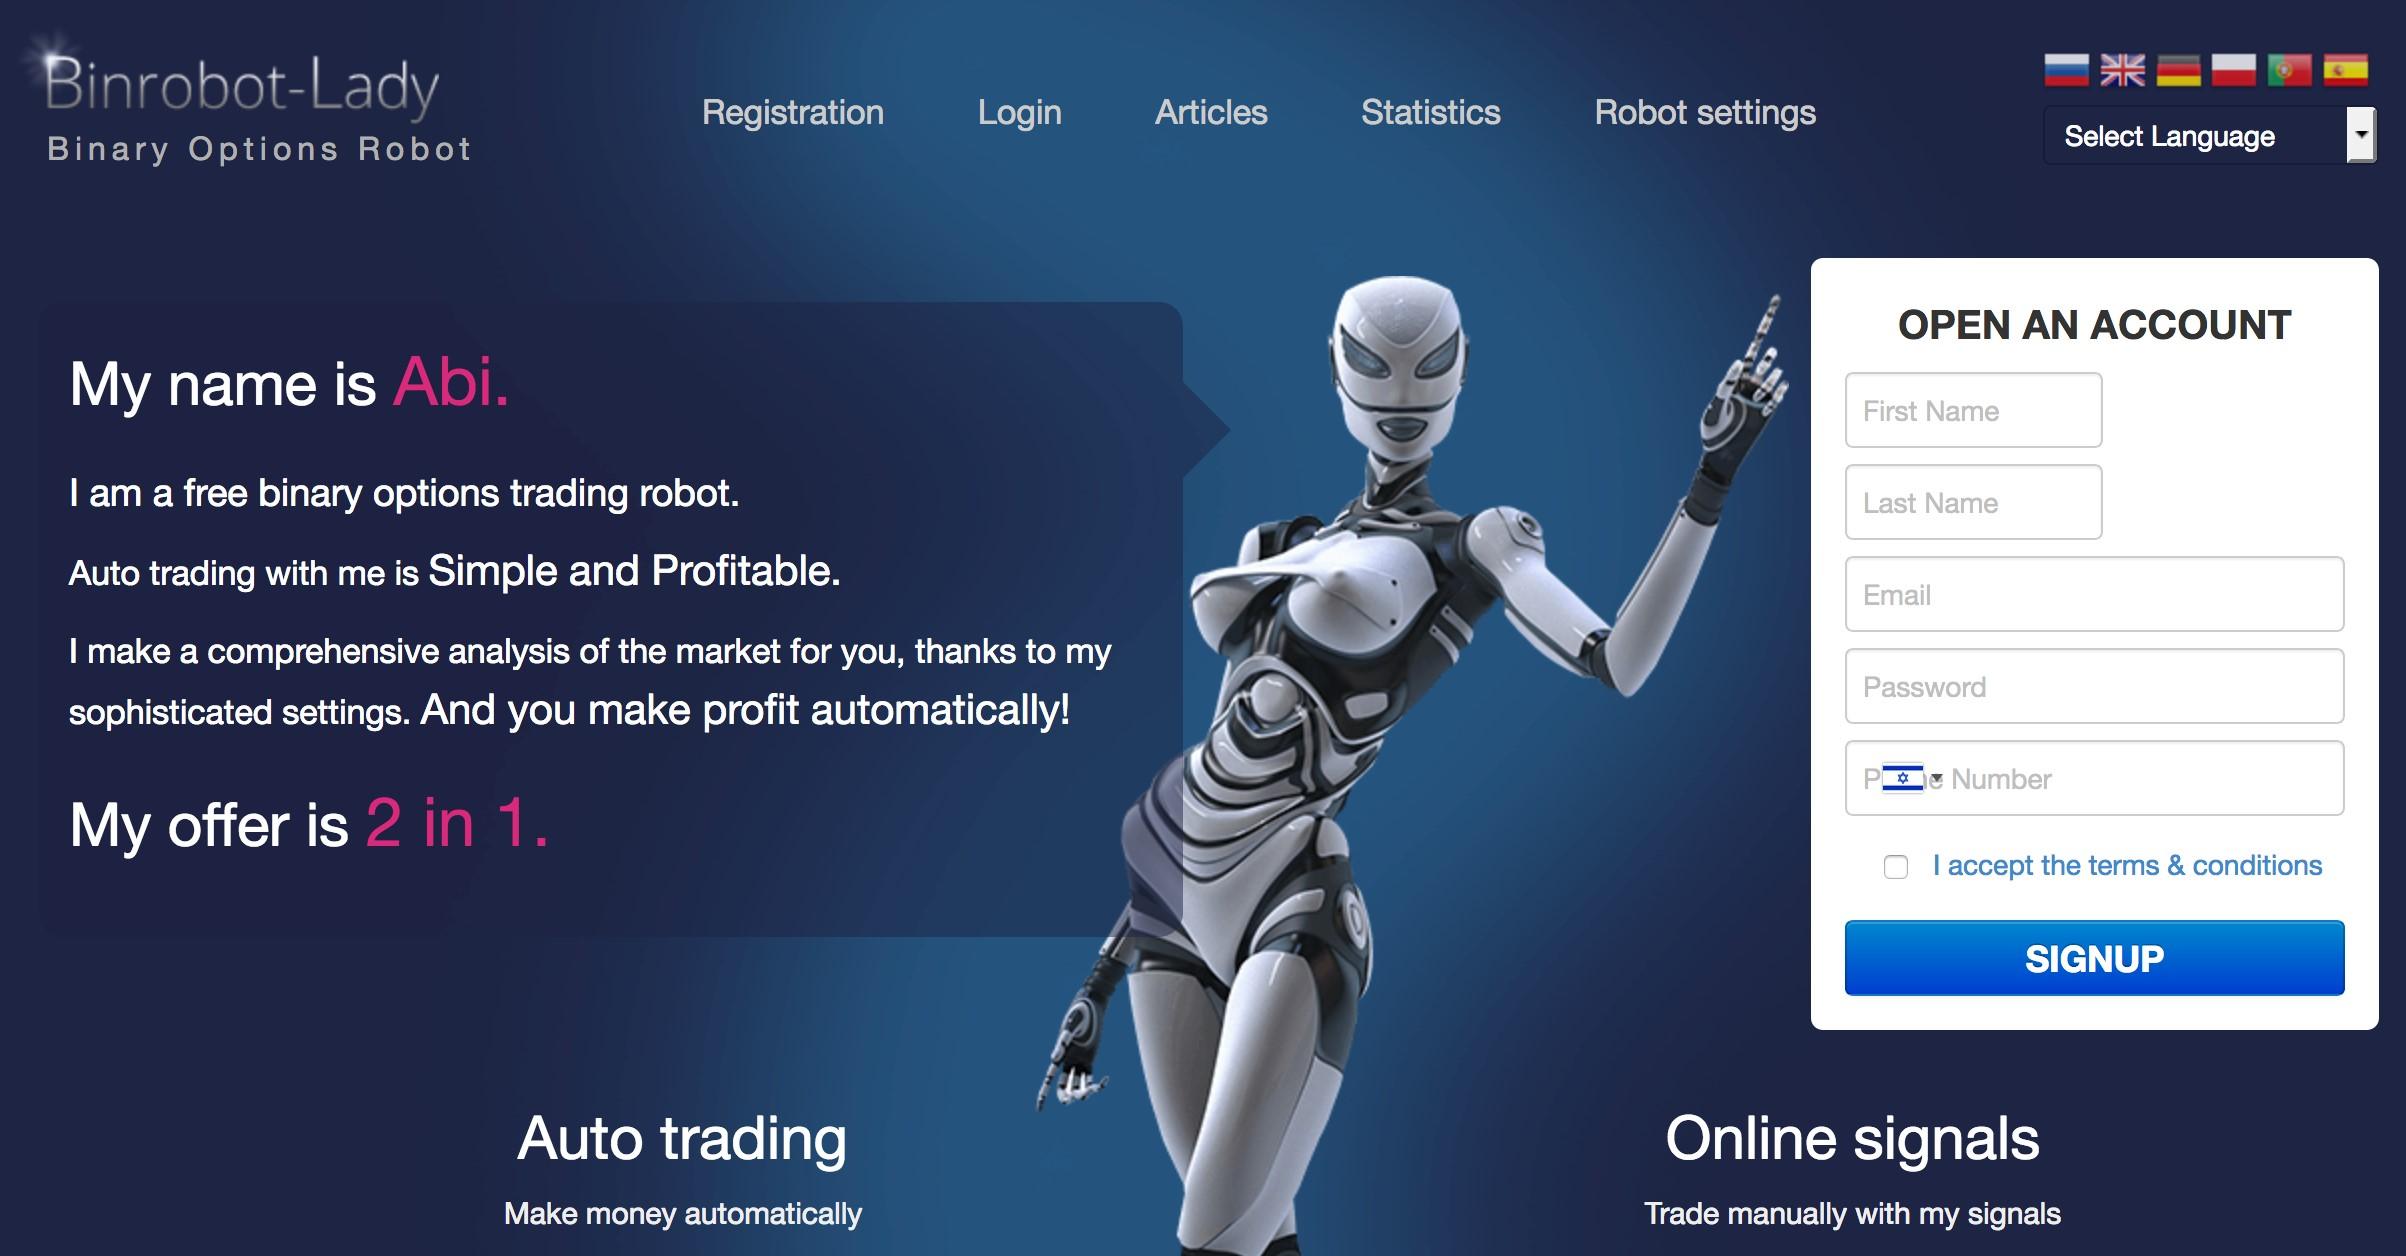 İkili robot. Seçenekler nasıl para kazanılır